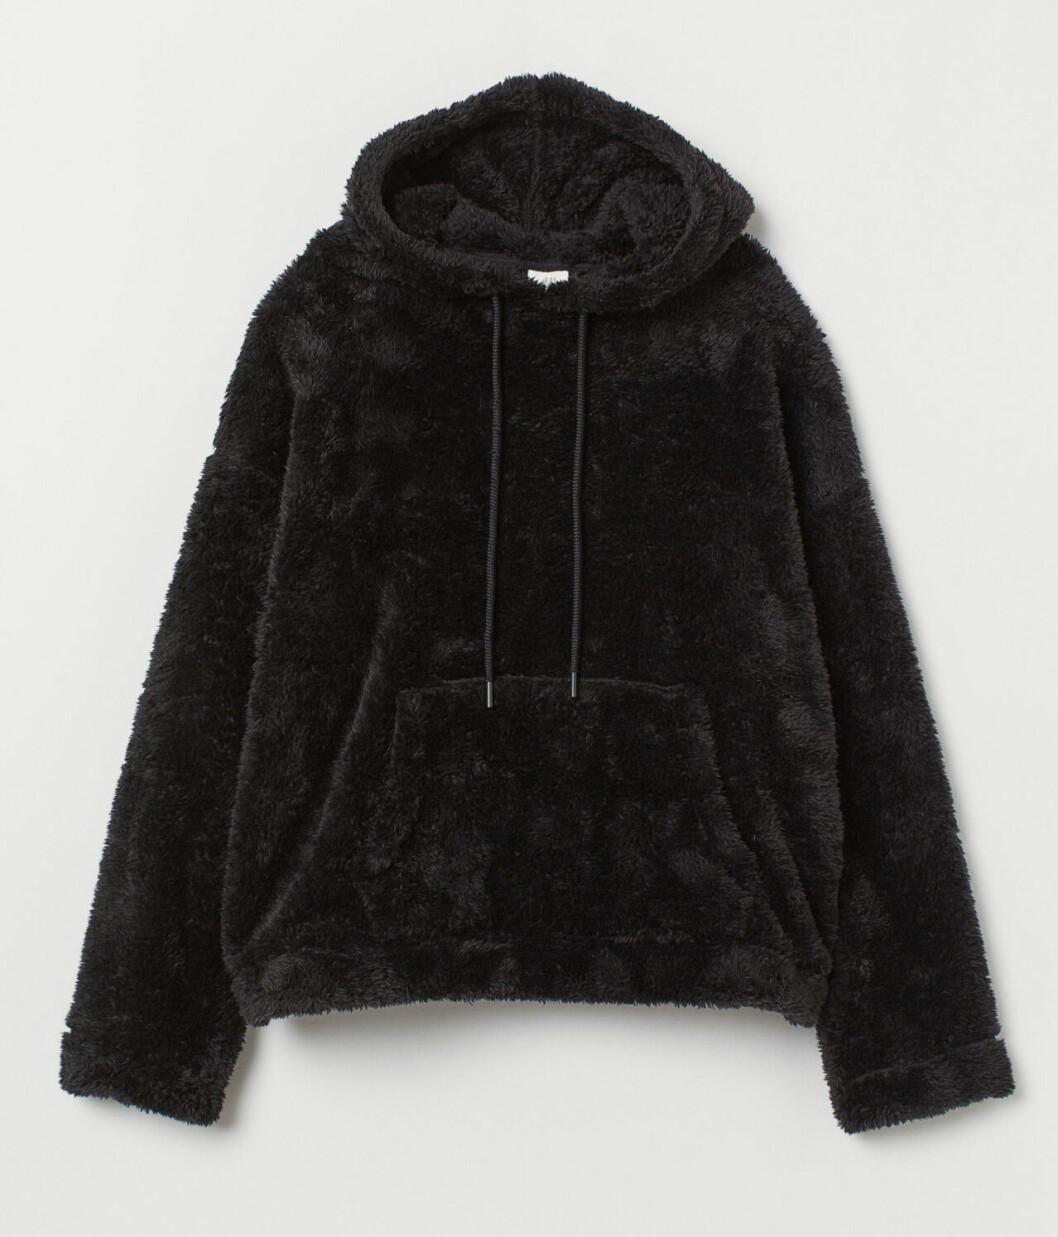 Svart teddytröja i hoodie-modell för dam 2019